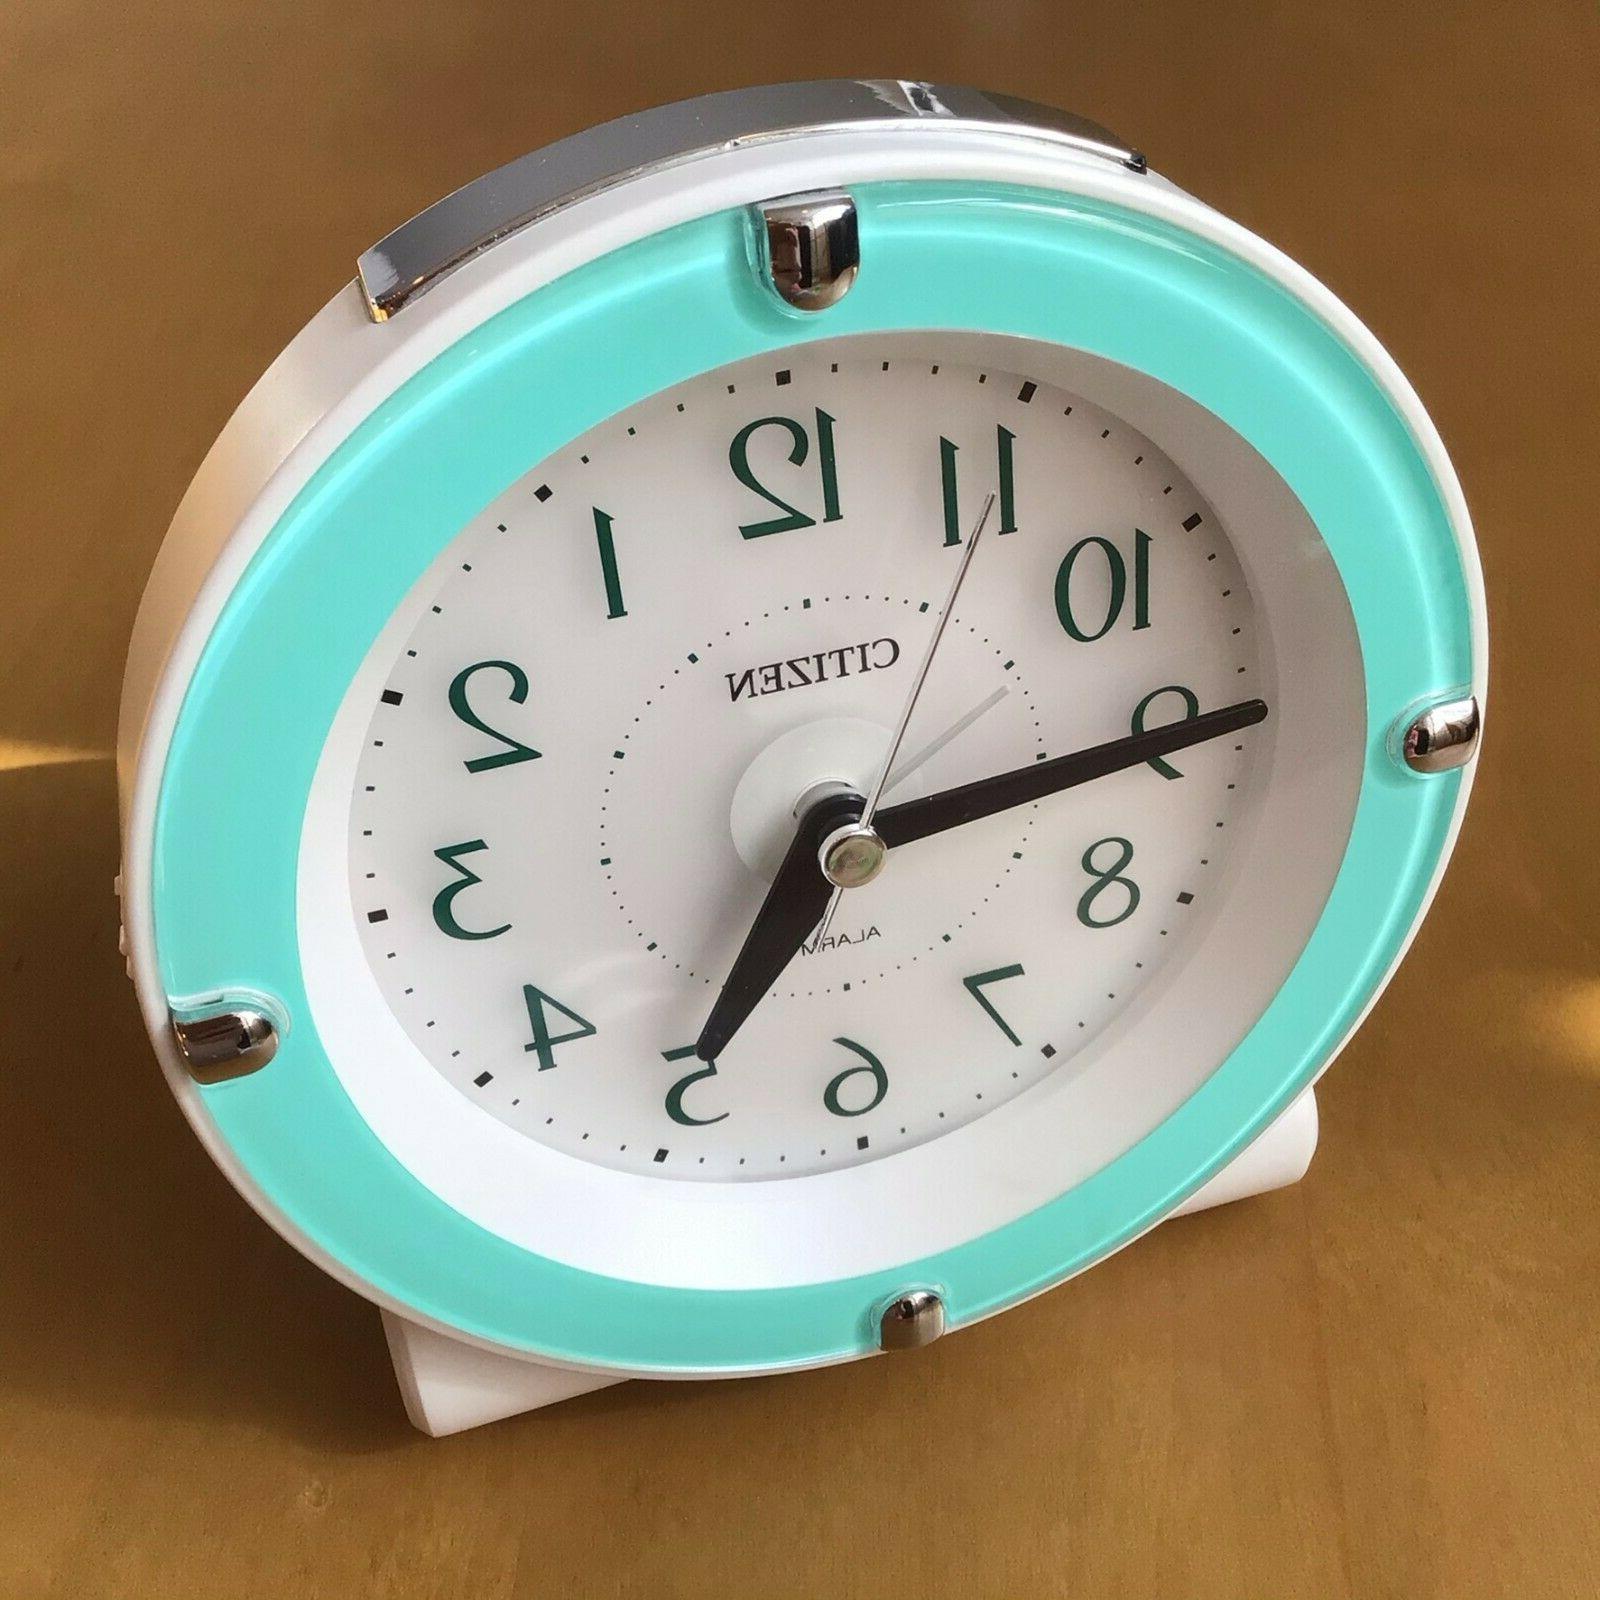 Citizen Clock 8REA18, Mint